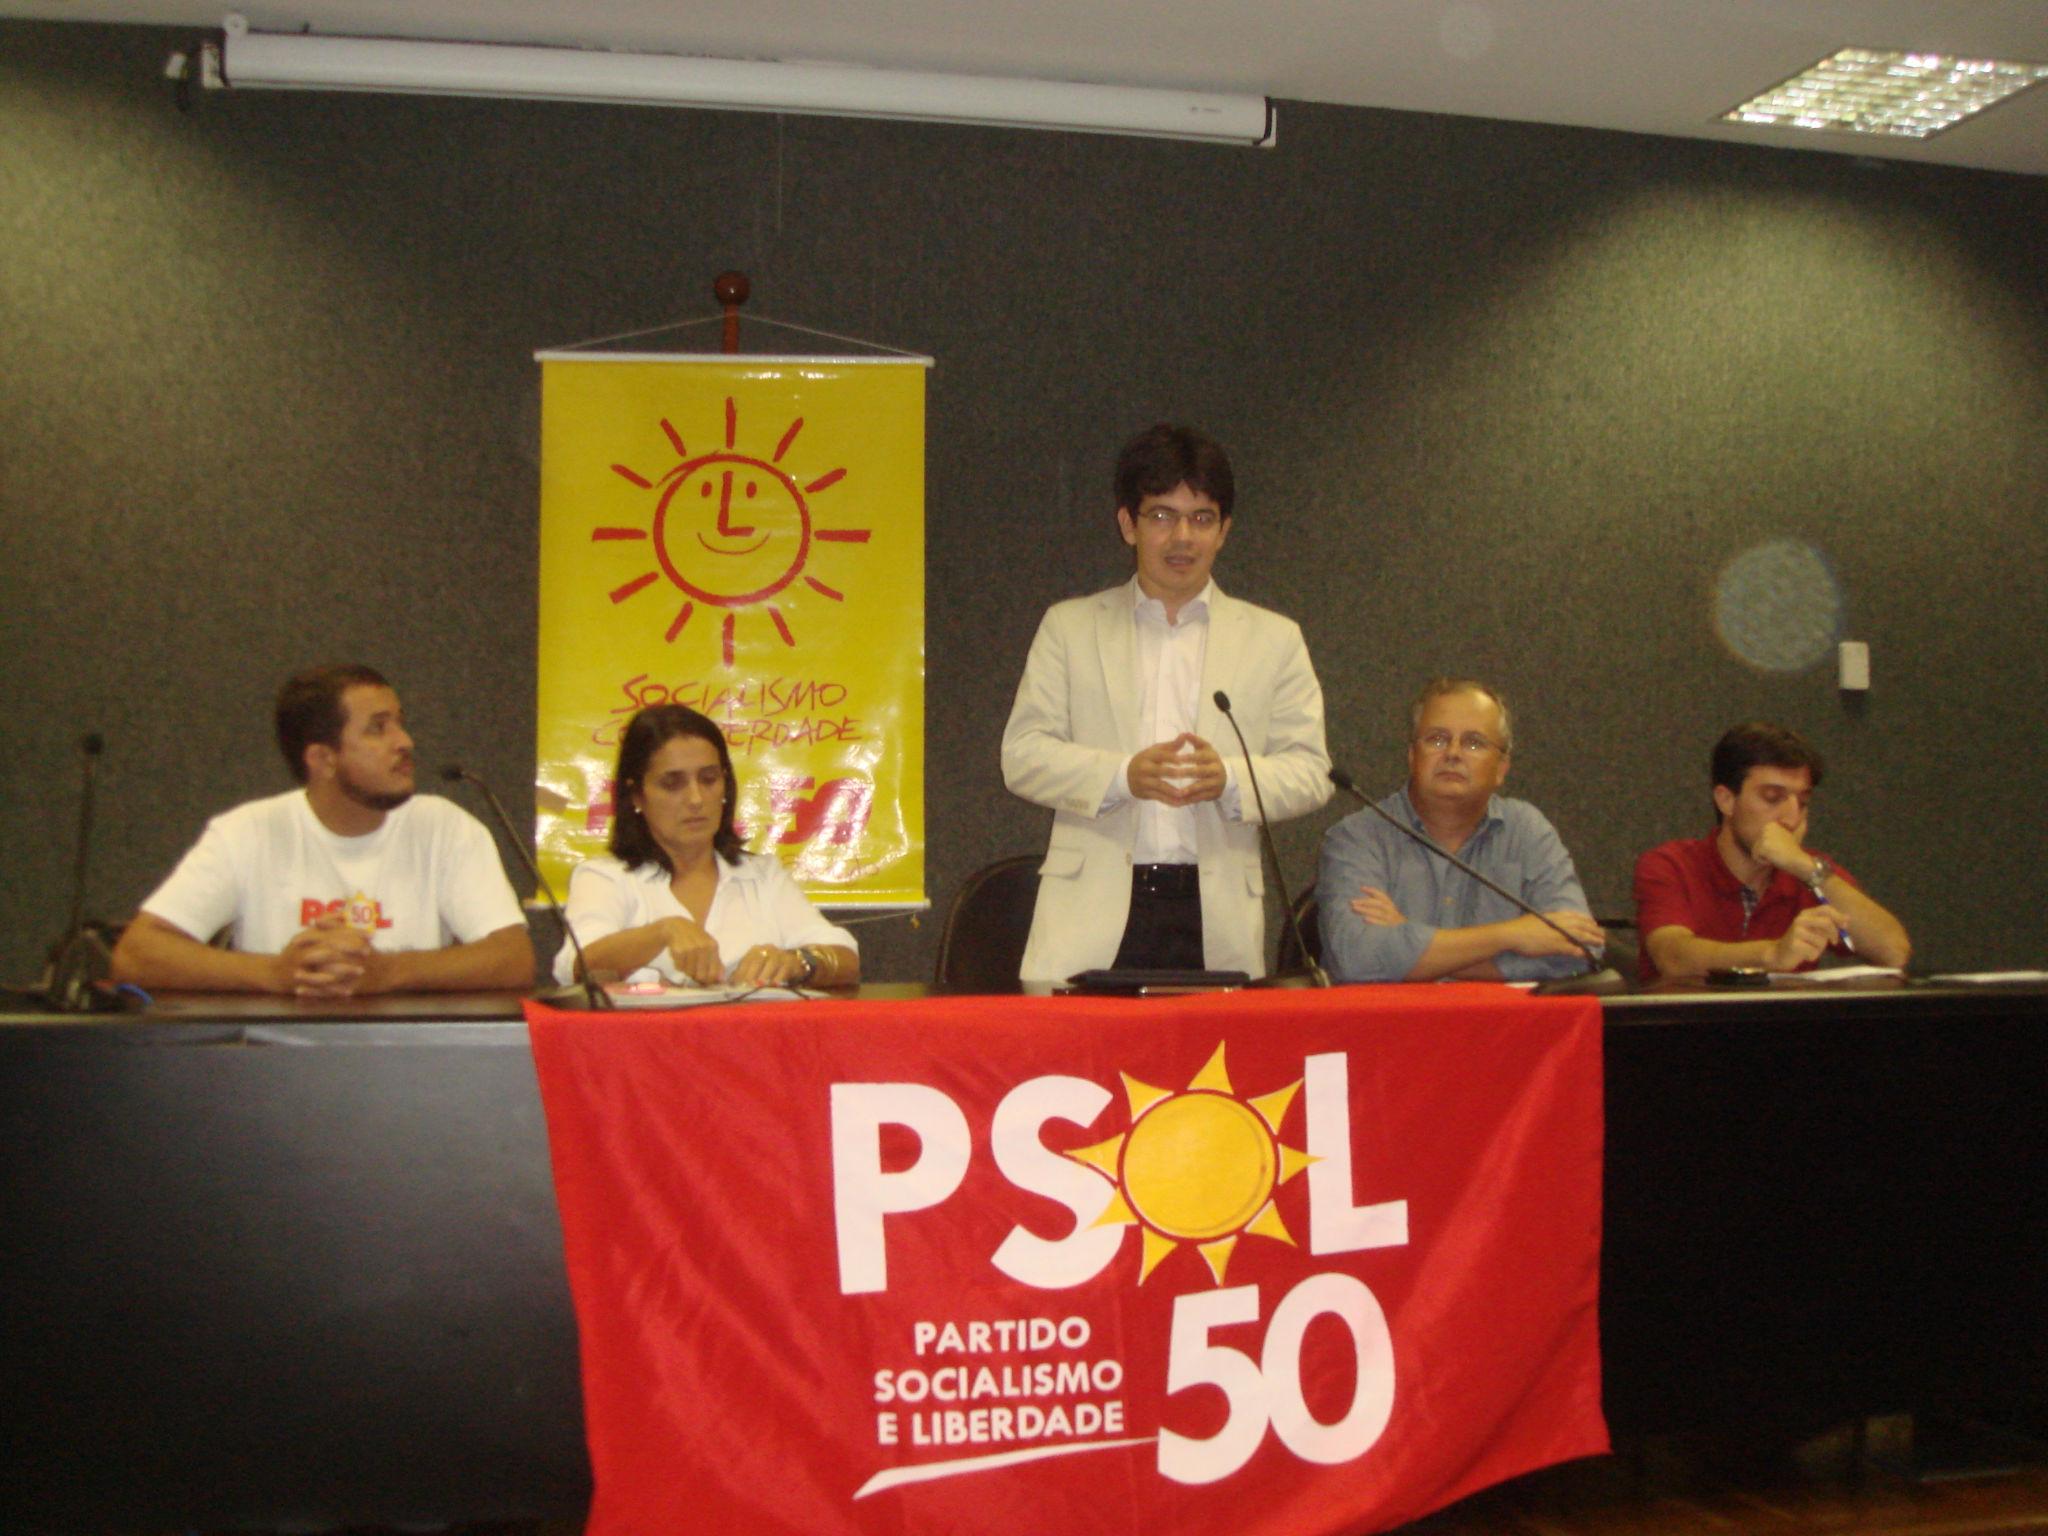 Senador Randolfe Rodrigues reafirma os ideais do PSOL para a juventude  #AF8A1C 2048 1536